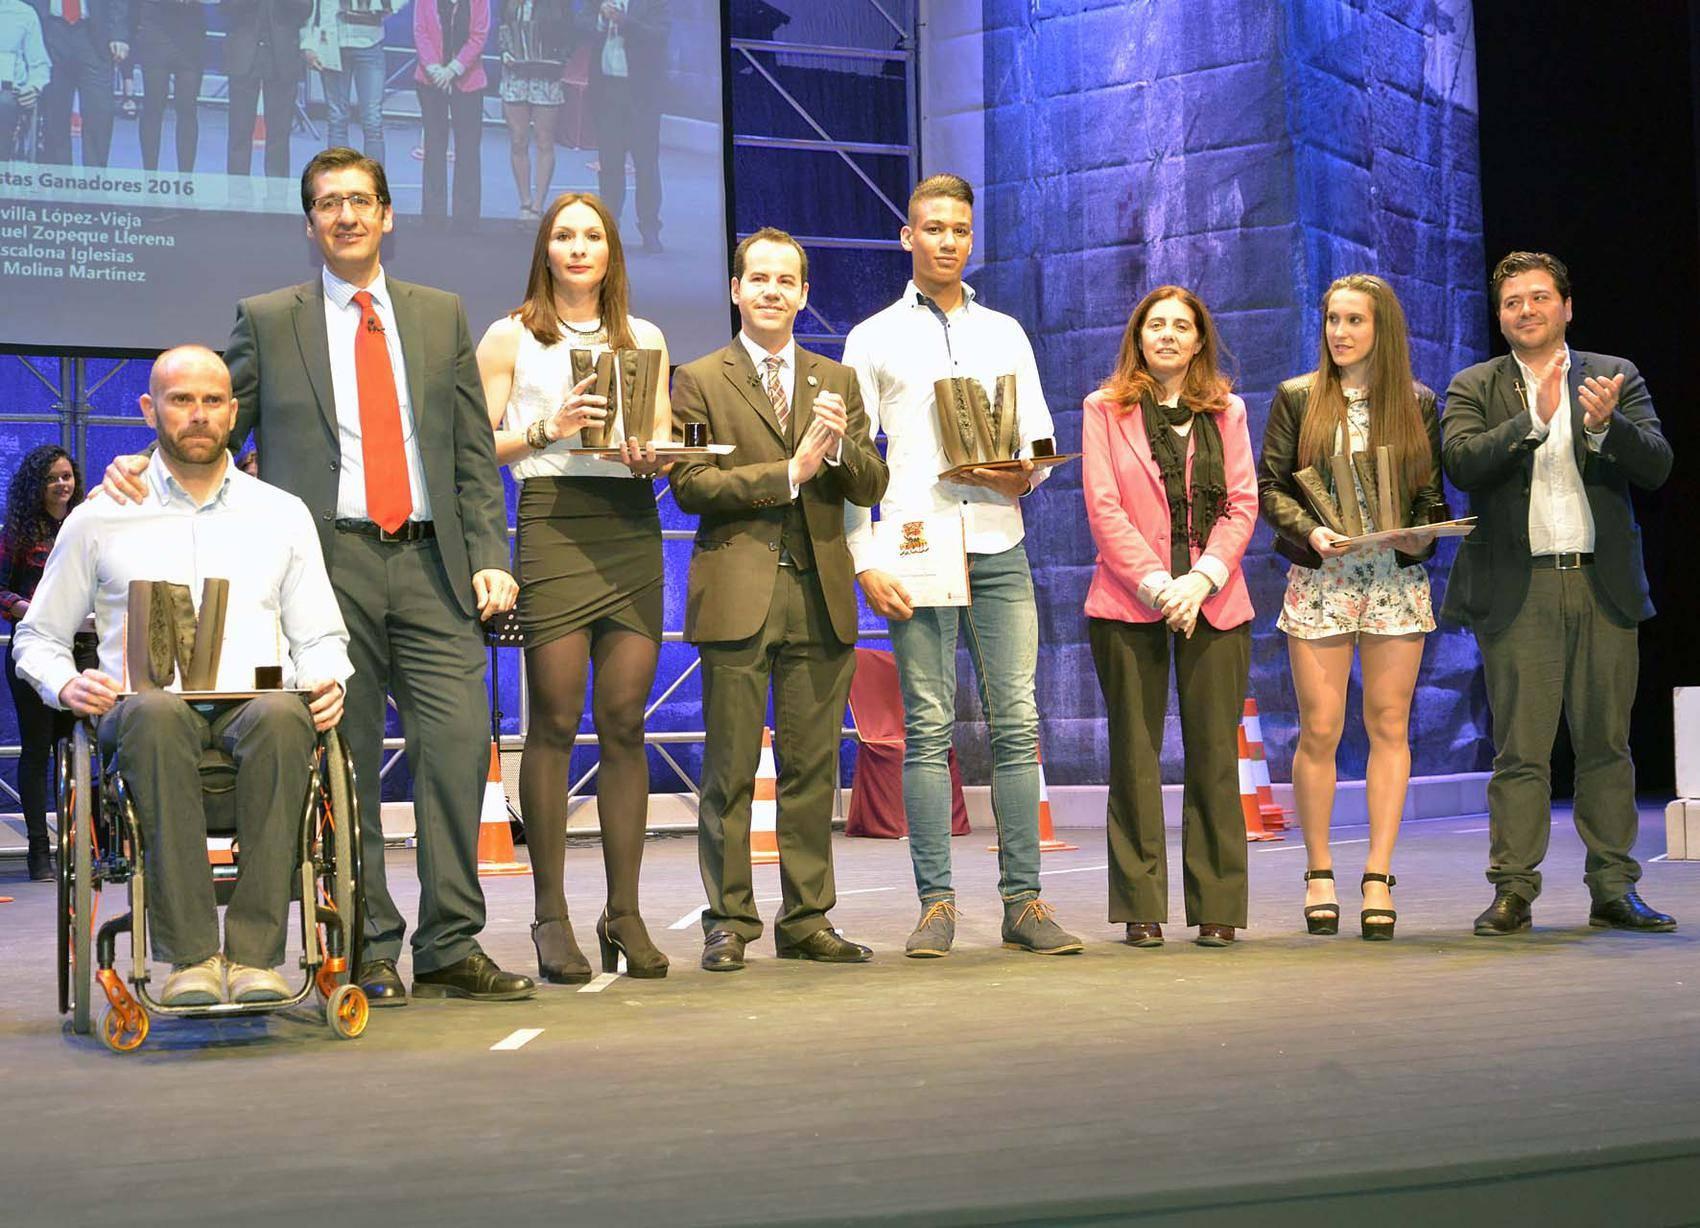 entrega de premios gala del deporte provincial de ciudad real en Herencia1